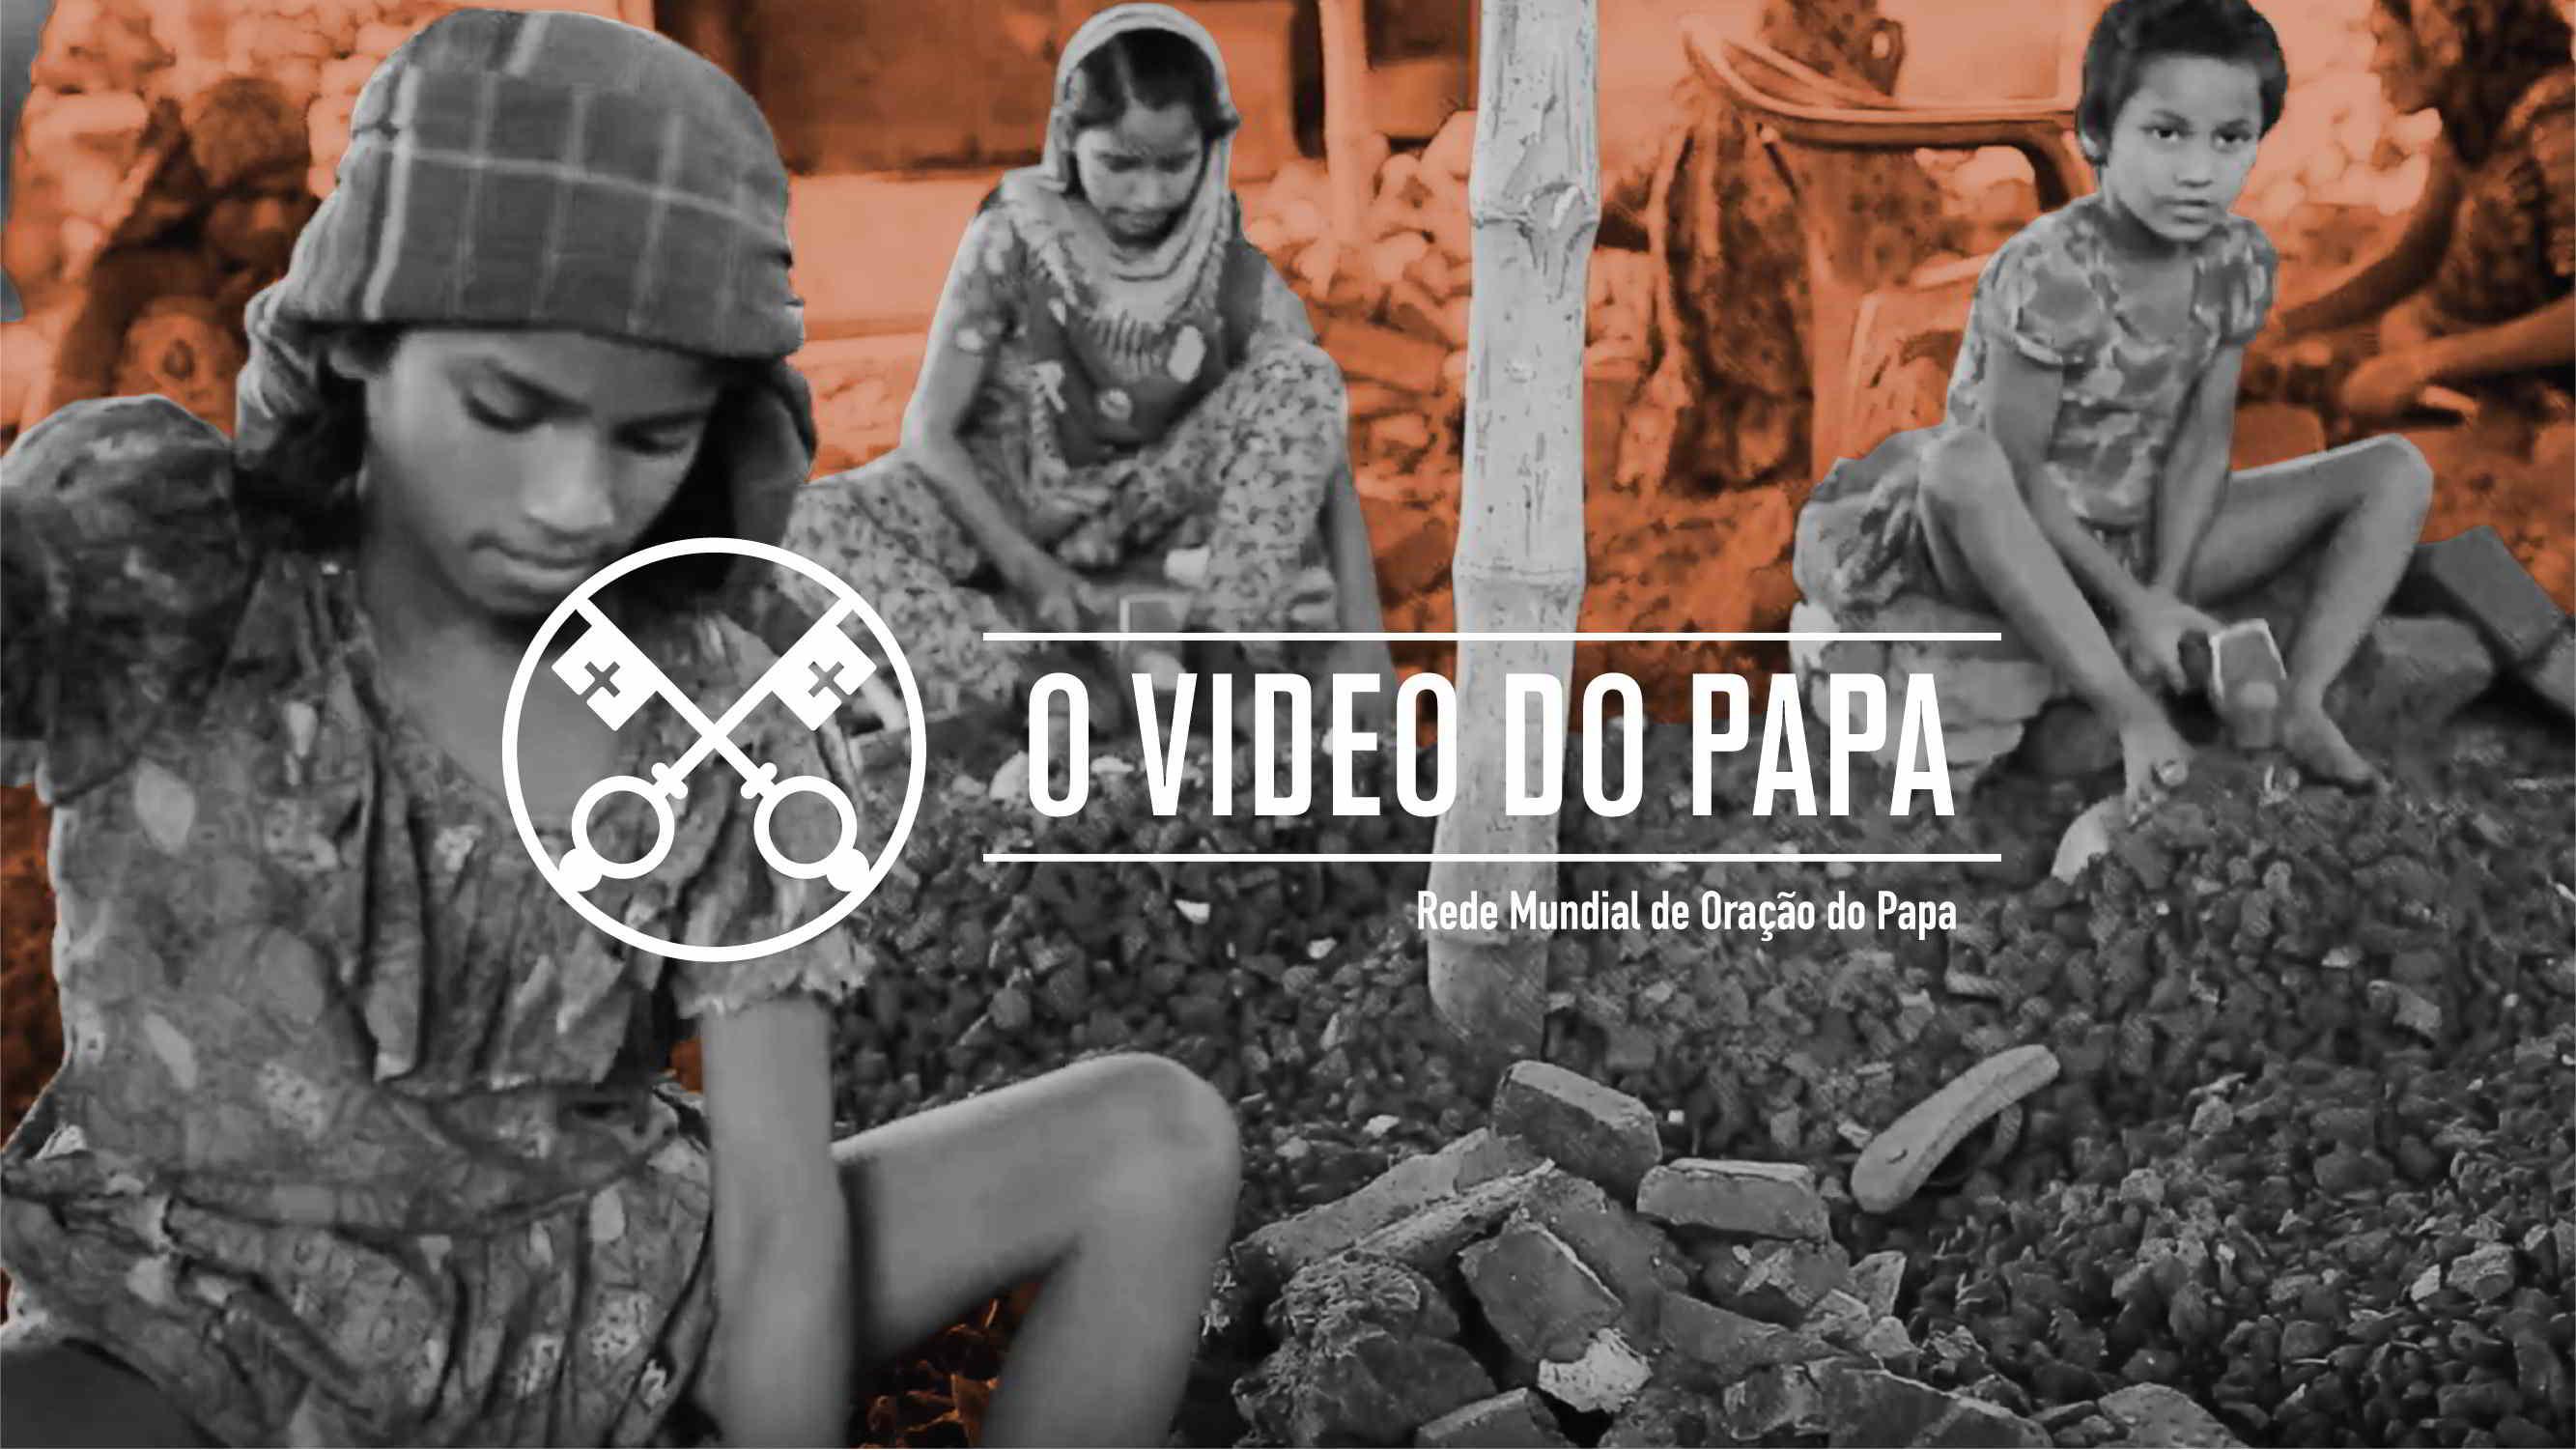 Official-Image-TPV-2-2019-4-PT-O-Video-do-Papa-Tráfico-de-pessoas